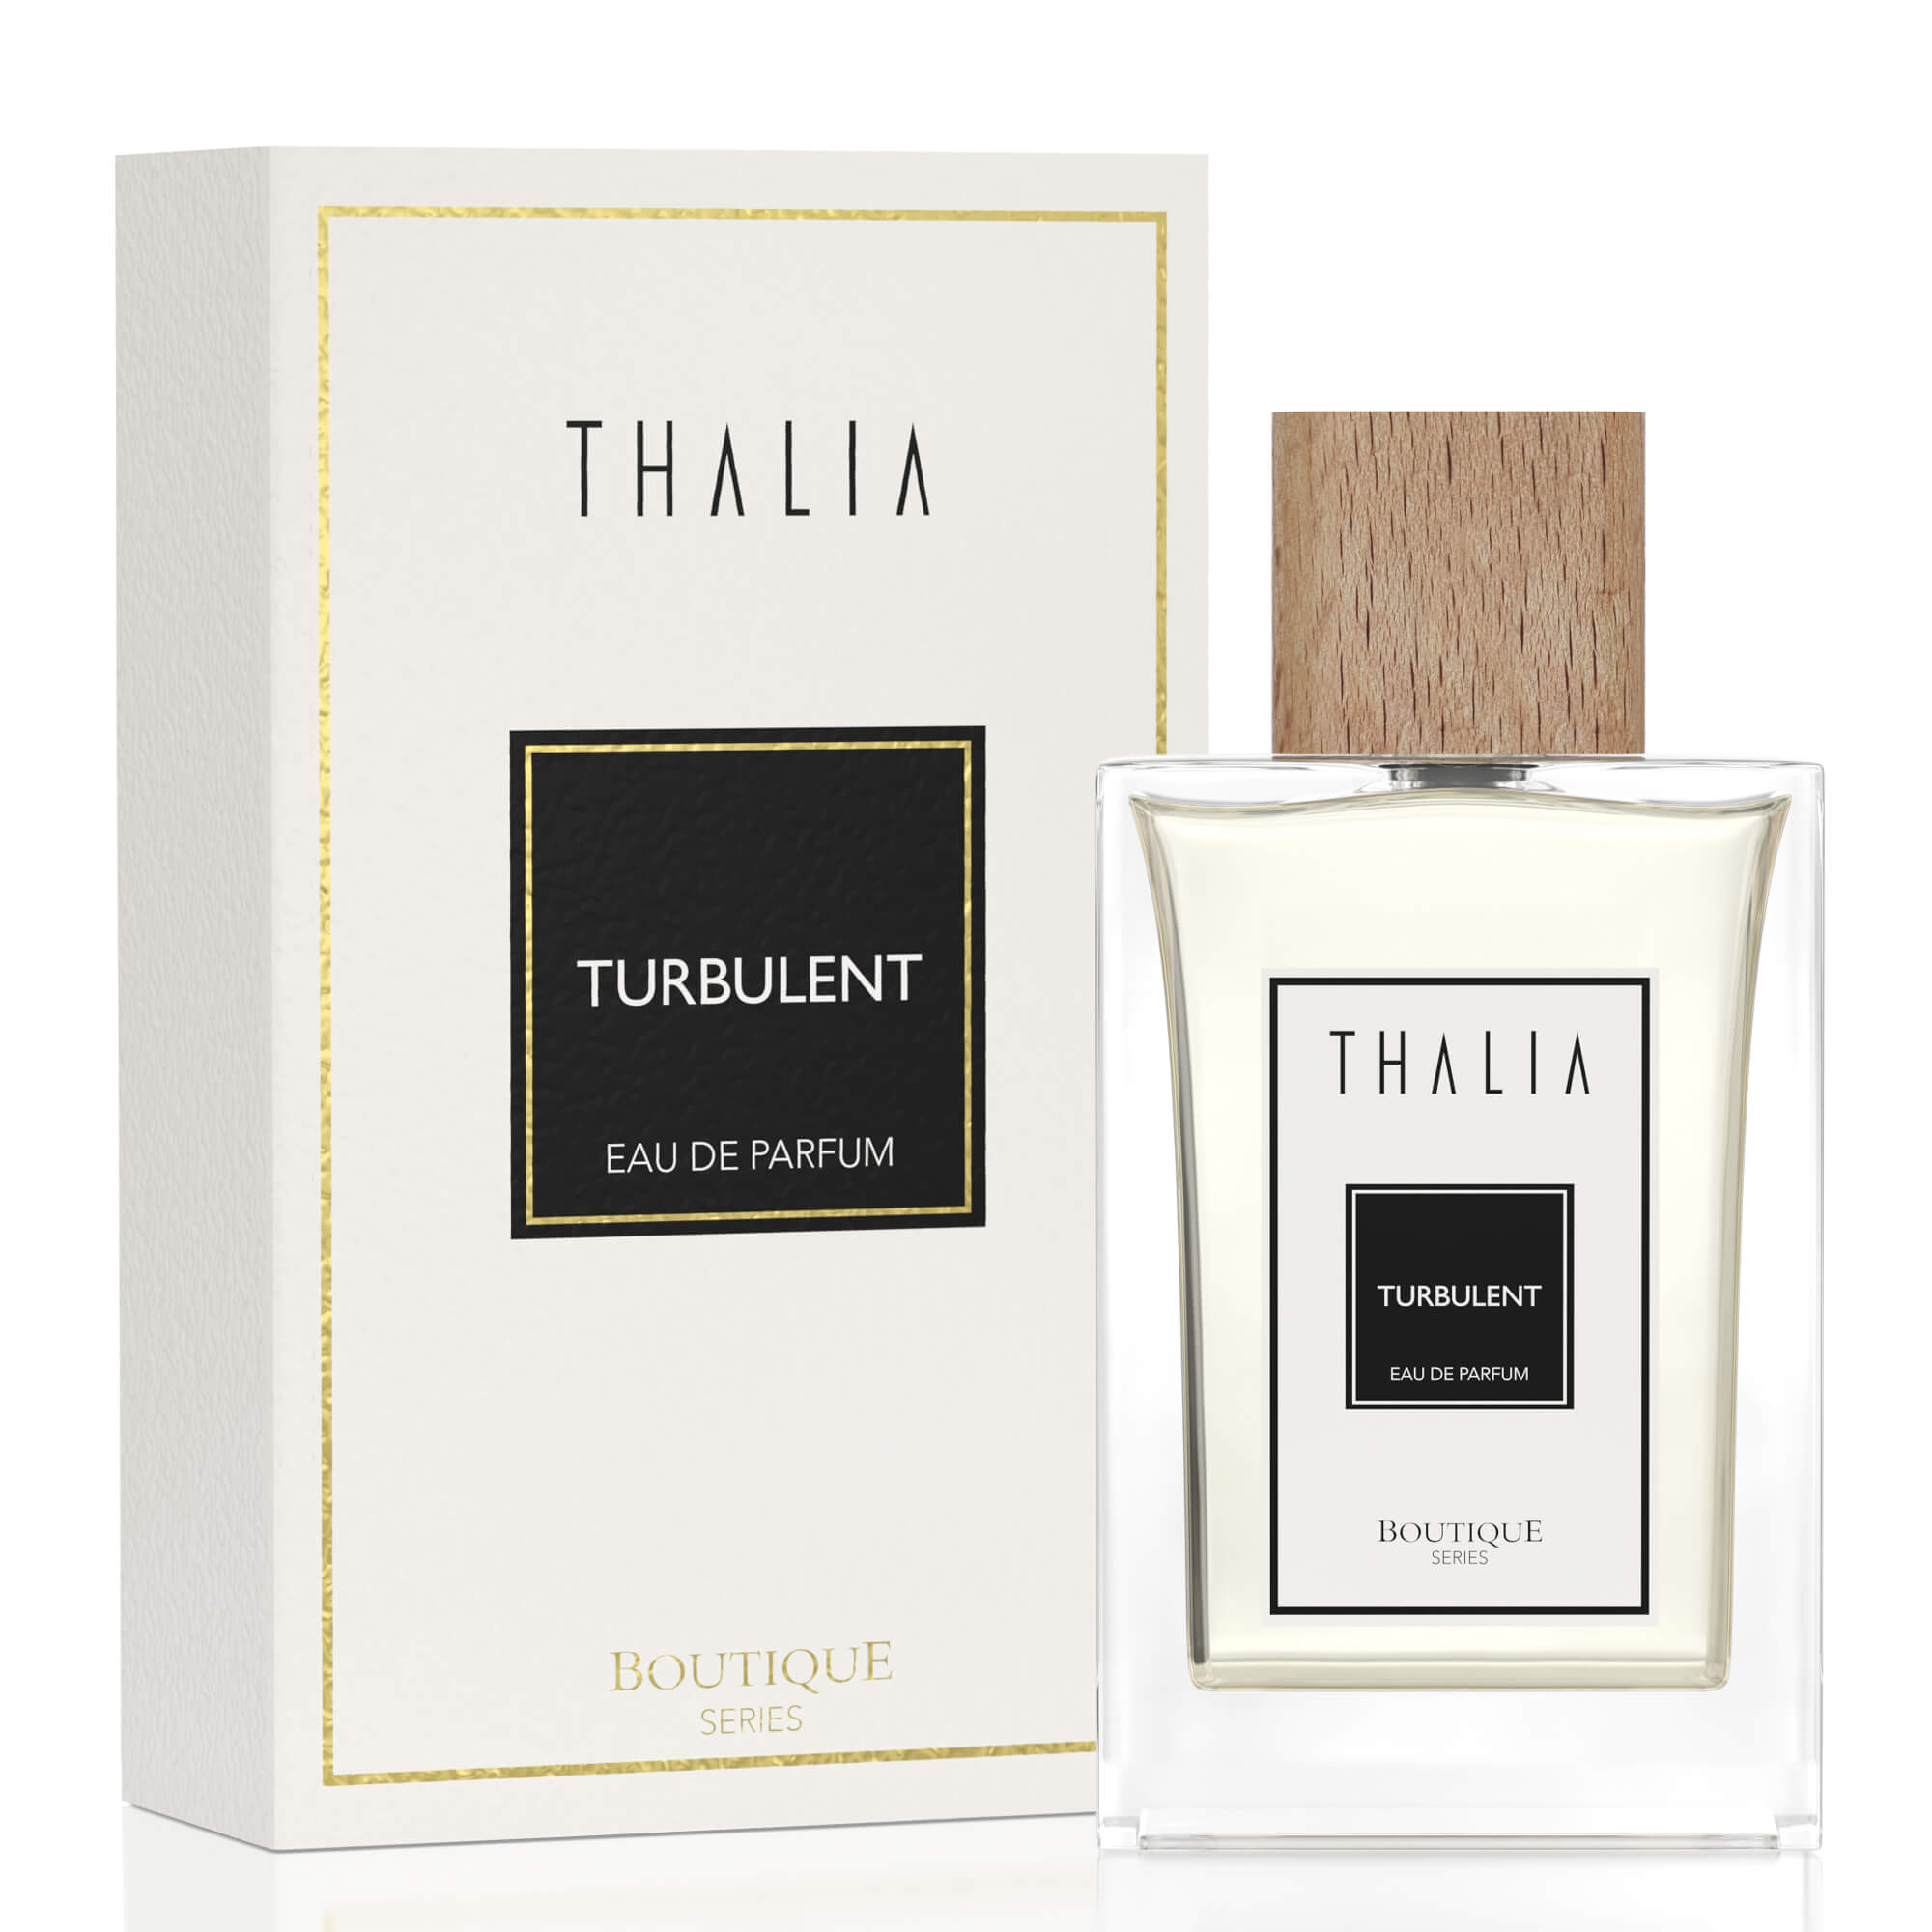 Thalia Boutique Turbulent Eau De Parfüm 75 Ml